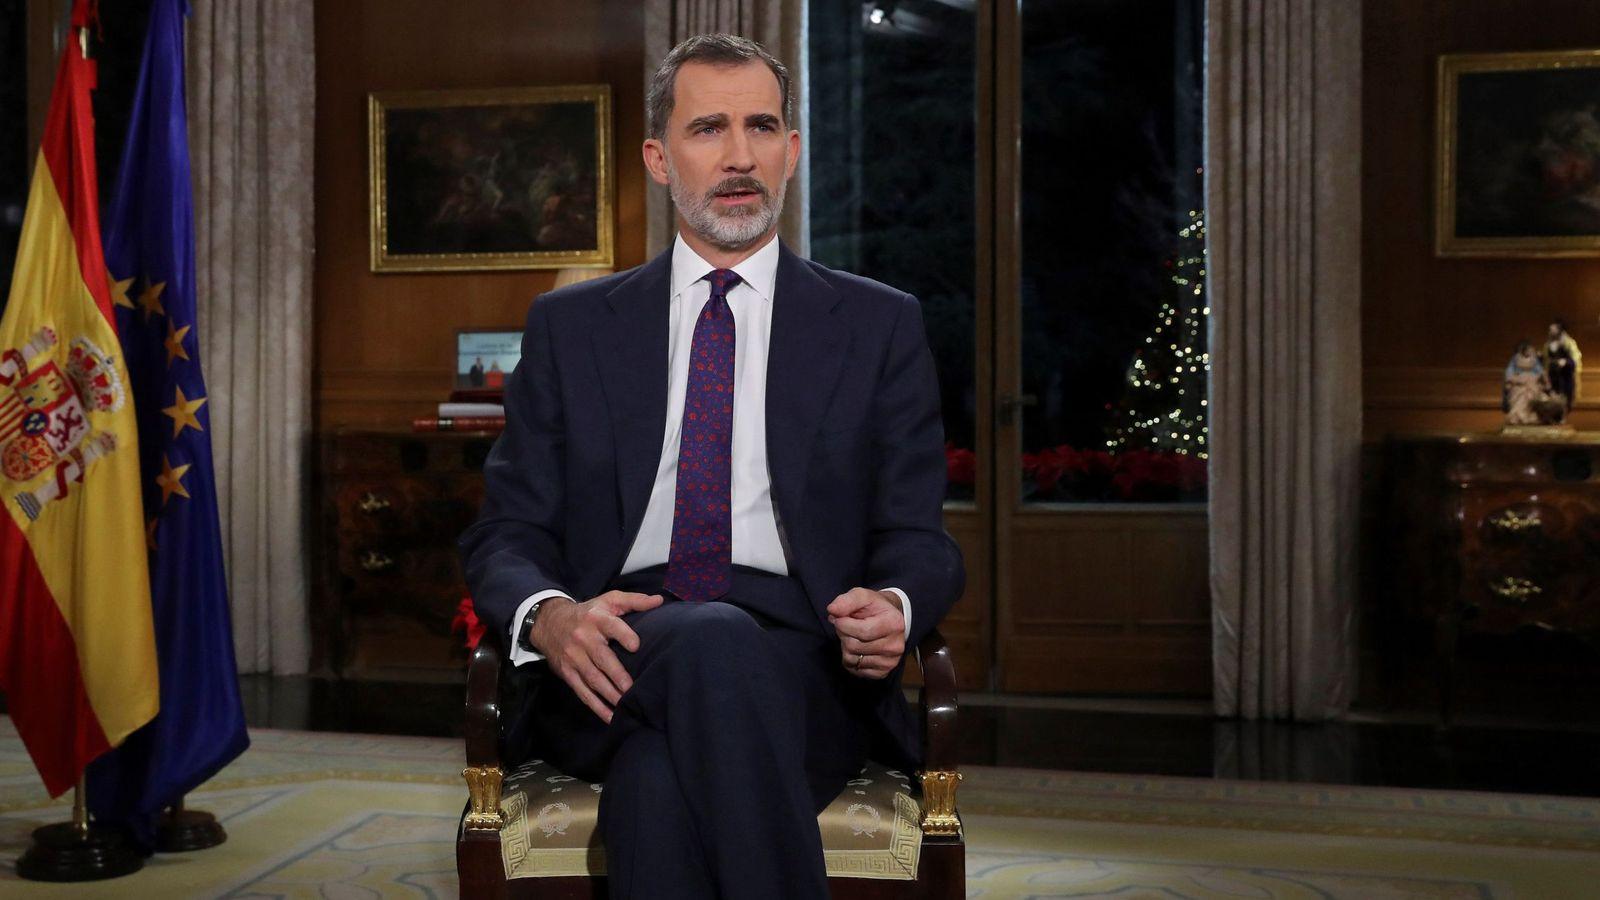 Foto: Felipe VI pronuncia su discurso de Navidad desde el Palacio de La Zarzuela. (EFE)